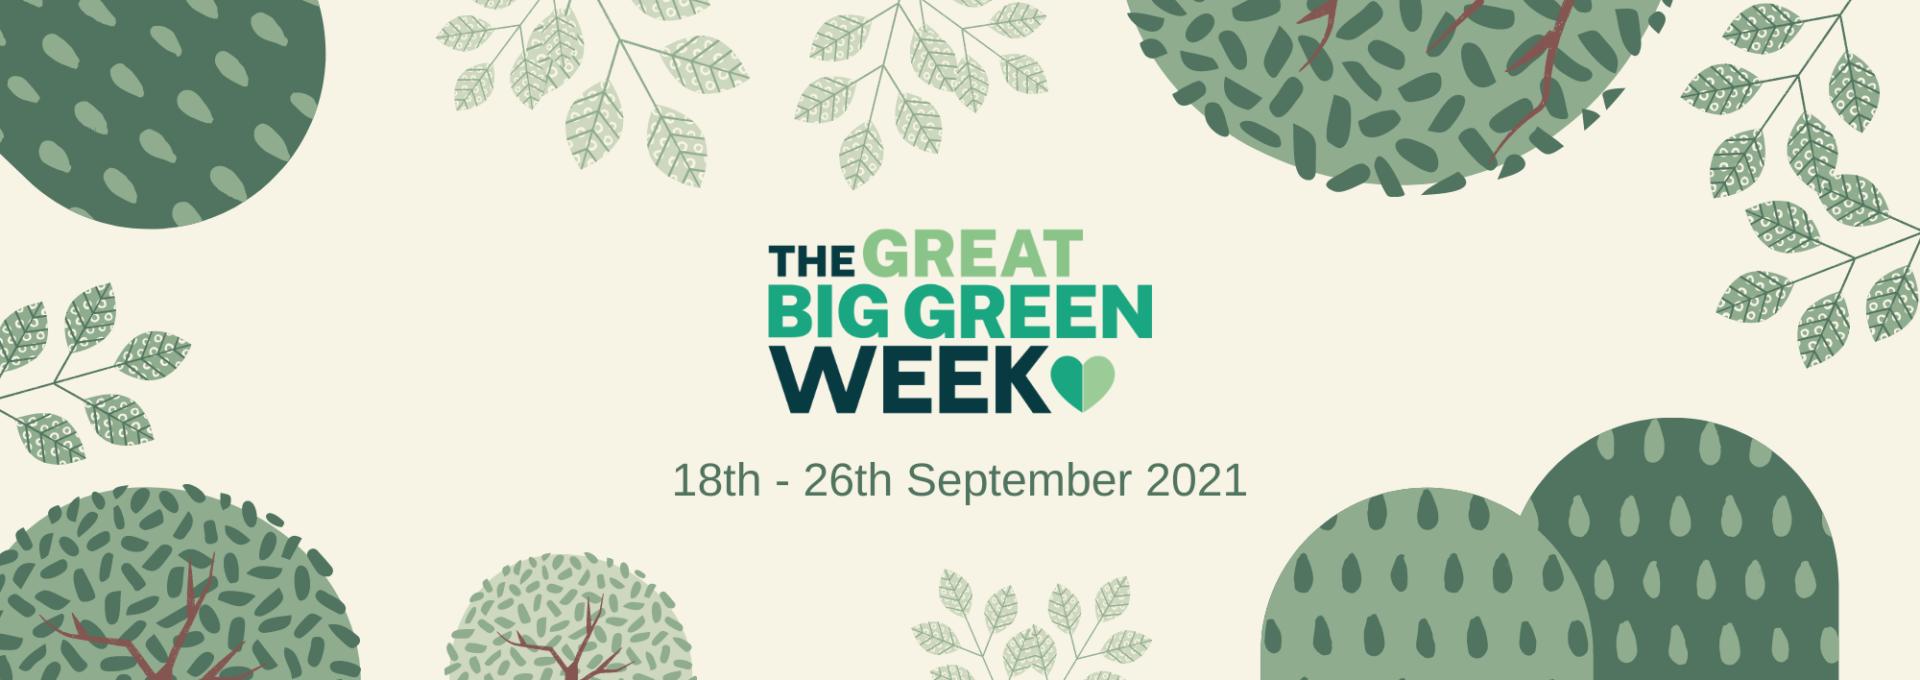 Great Big Green Week header